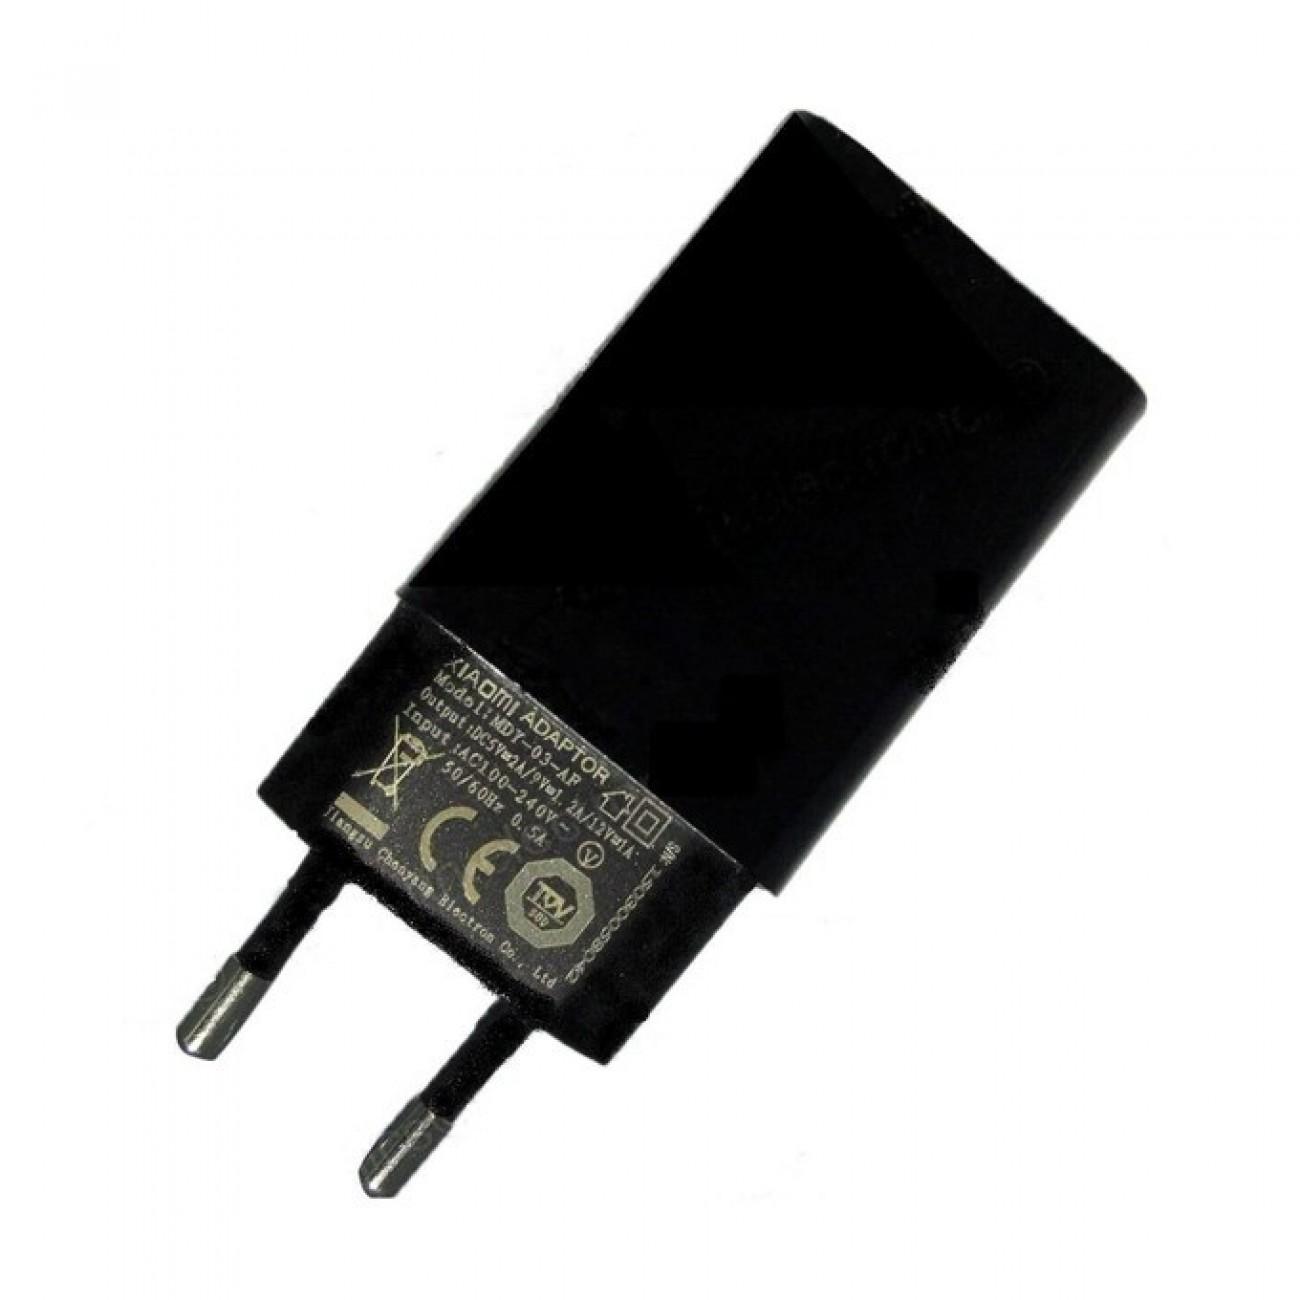 Зарядно устройство Xiaomi Mi Fast Charger MDY-03-AF, от контакт към USB-A(ж), 5V/2A, черен, bulk в Зарядни устройства за батерии - Xiaomi | Alleop